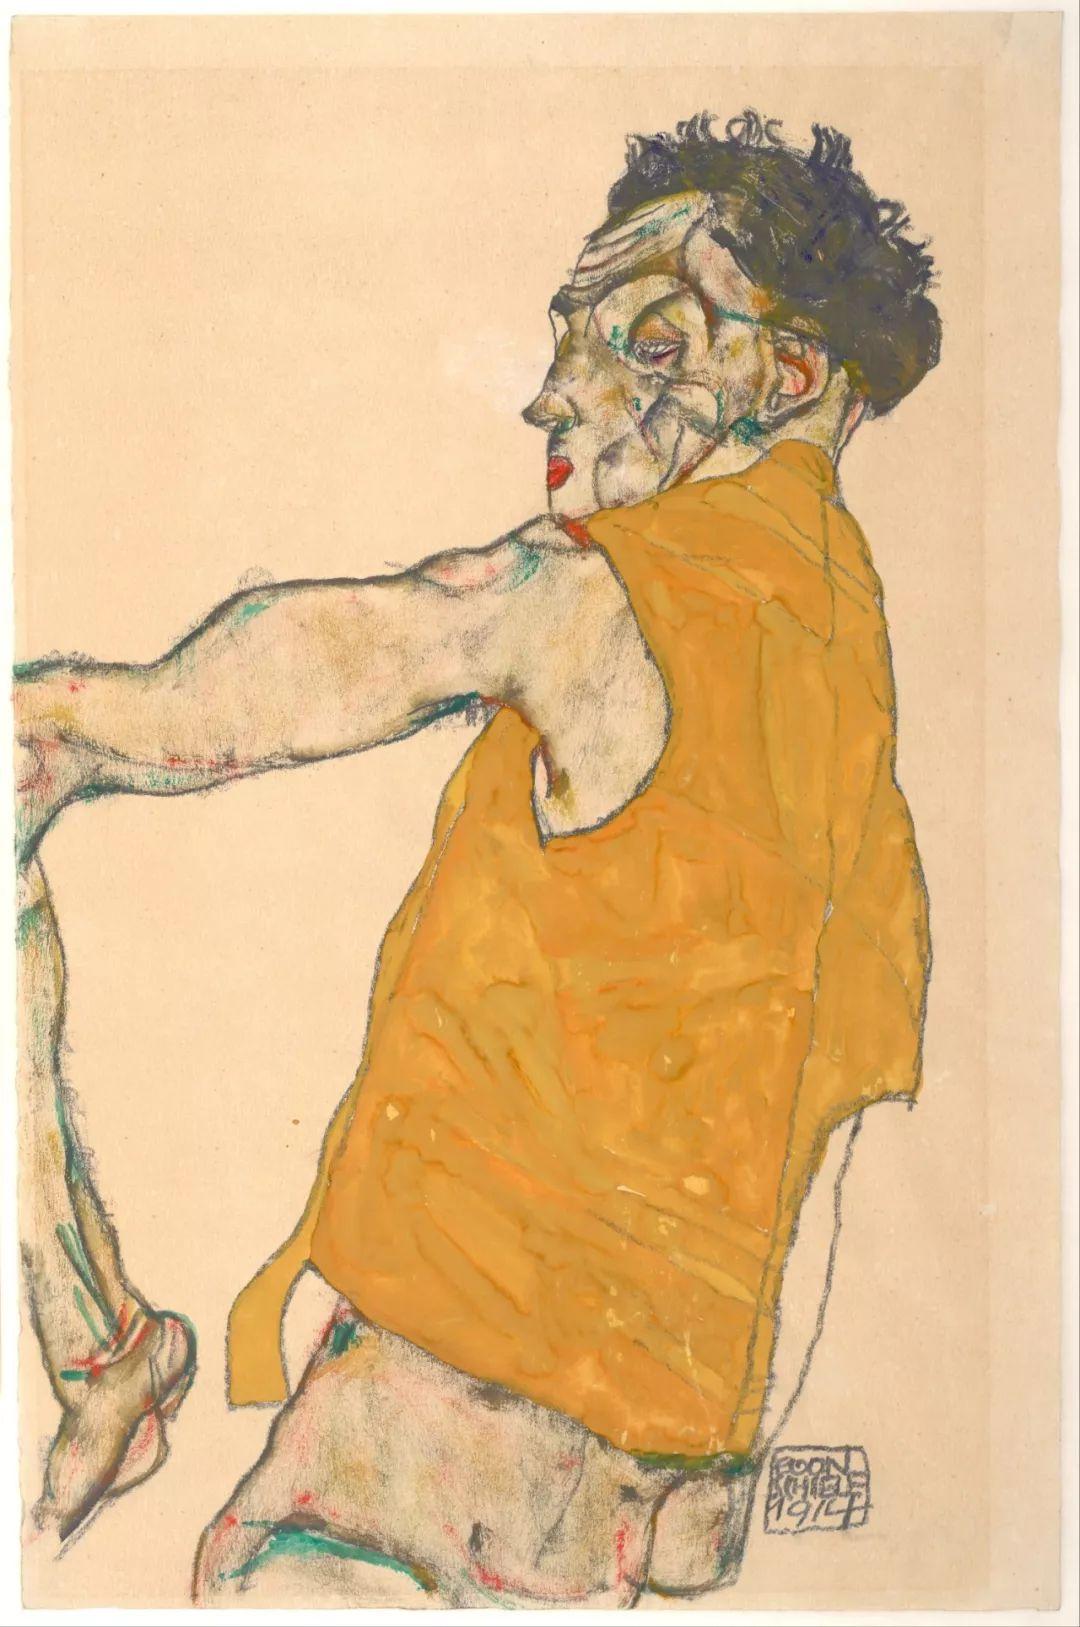 年仅28岁,生前遭受非议,死后却被捧为直逼心灵的艺术家插图99